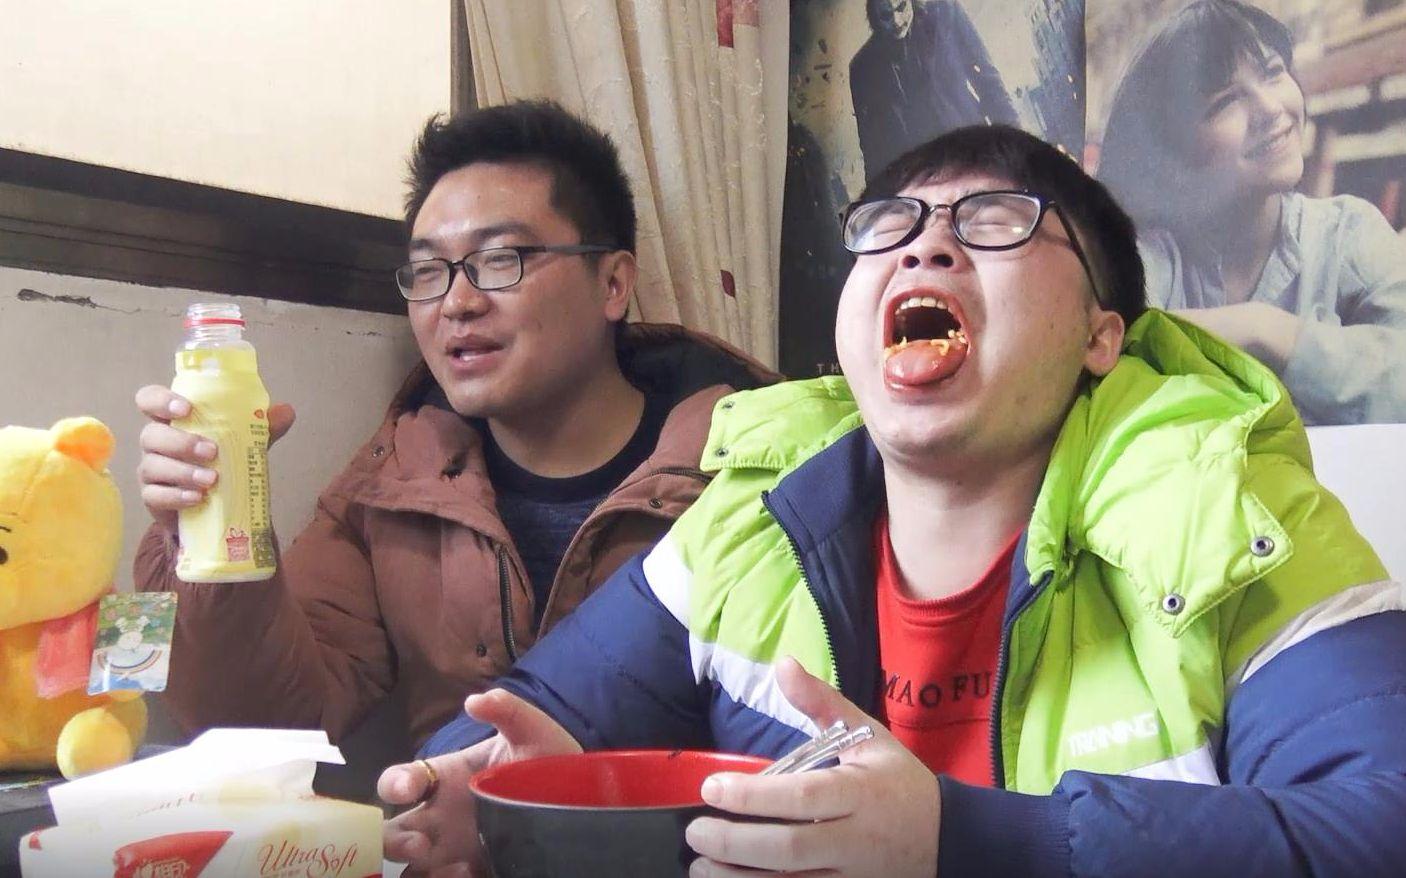 小伙挑战吃双倍核弹火鸡面,没想到最后可把小伙辣坏了